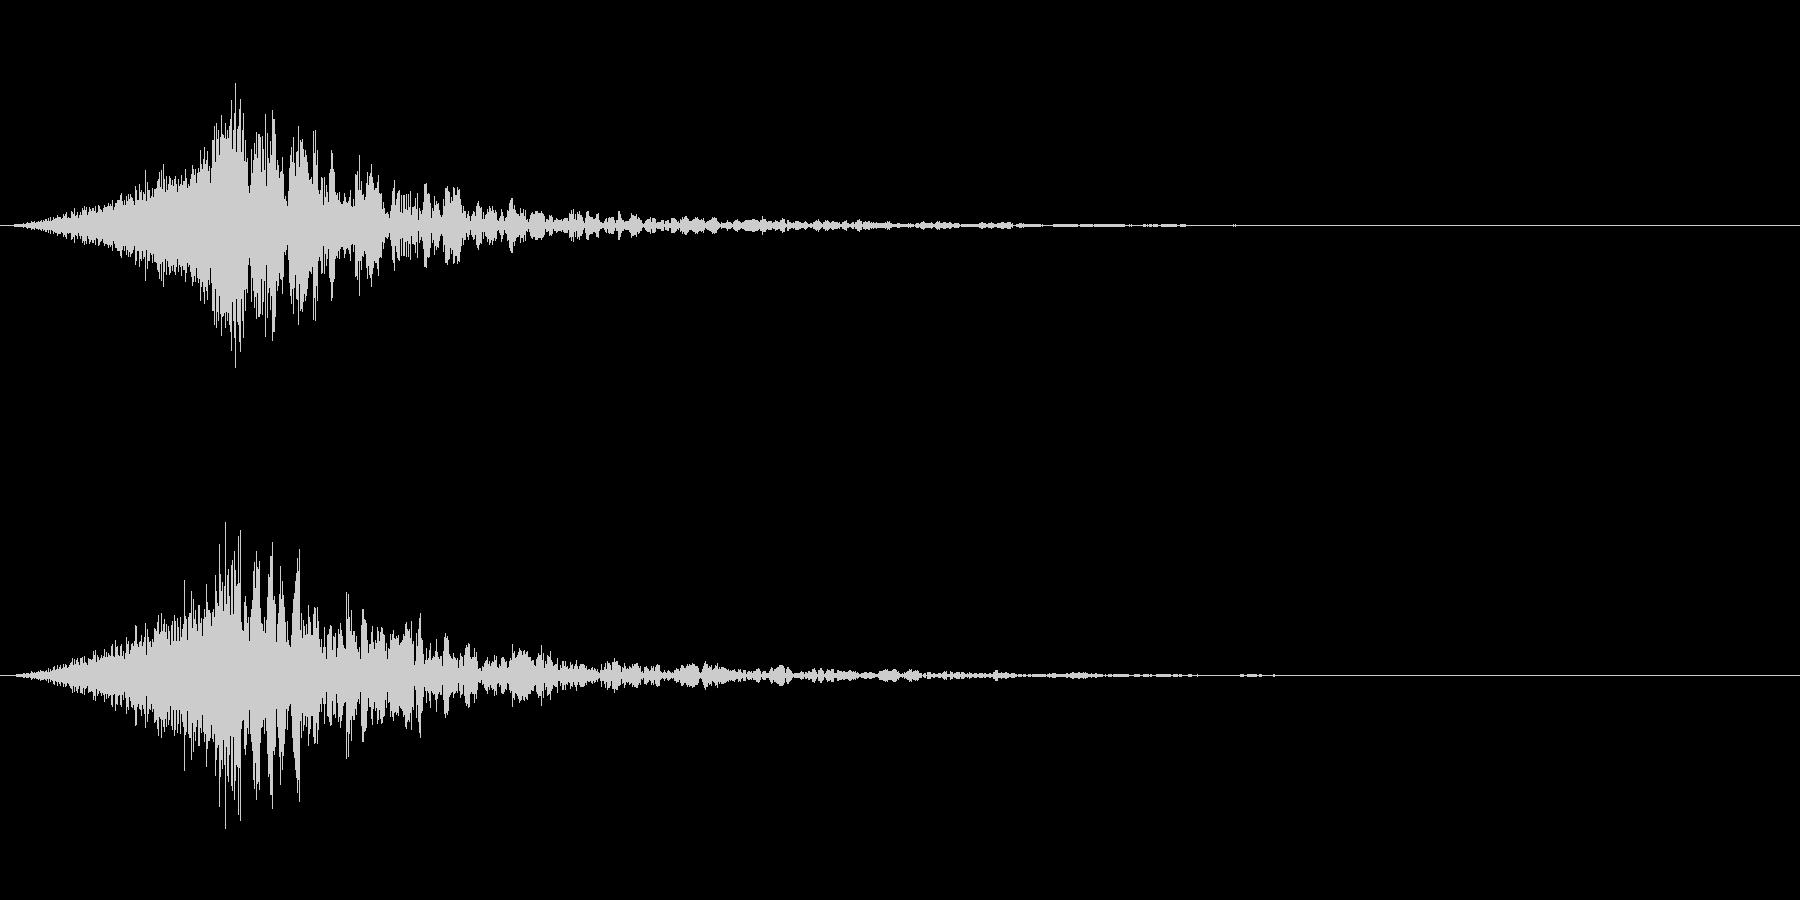 シュードーン-39-4(インパクト音)の未再生の波形